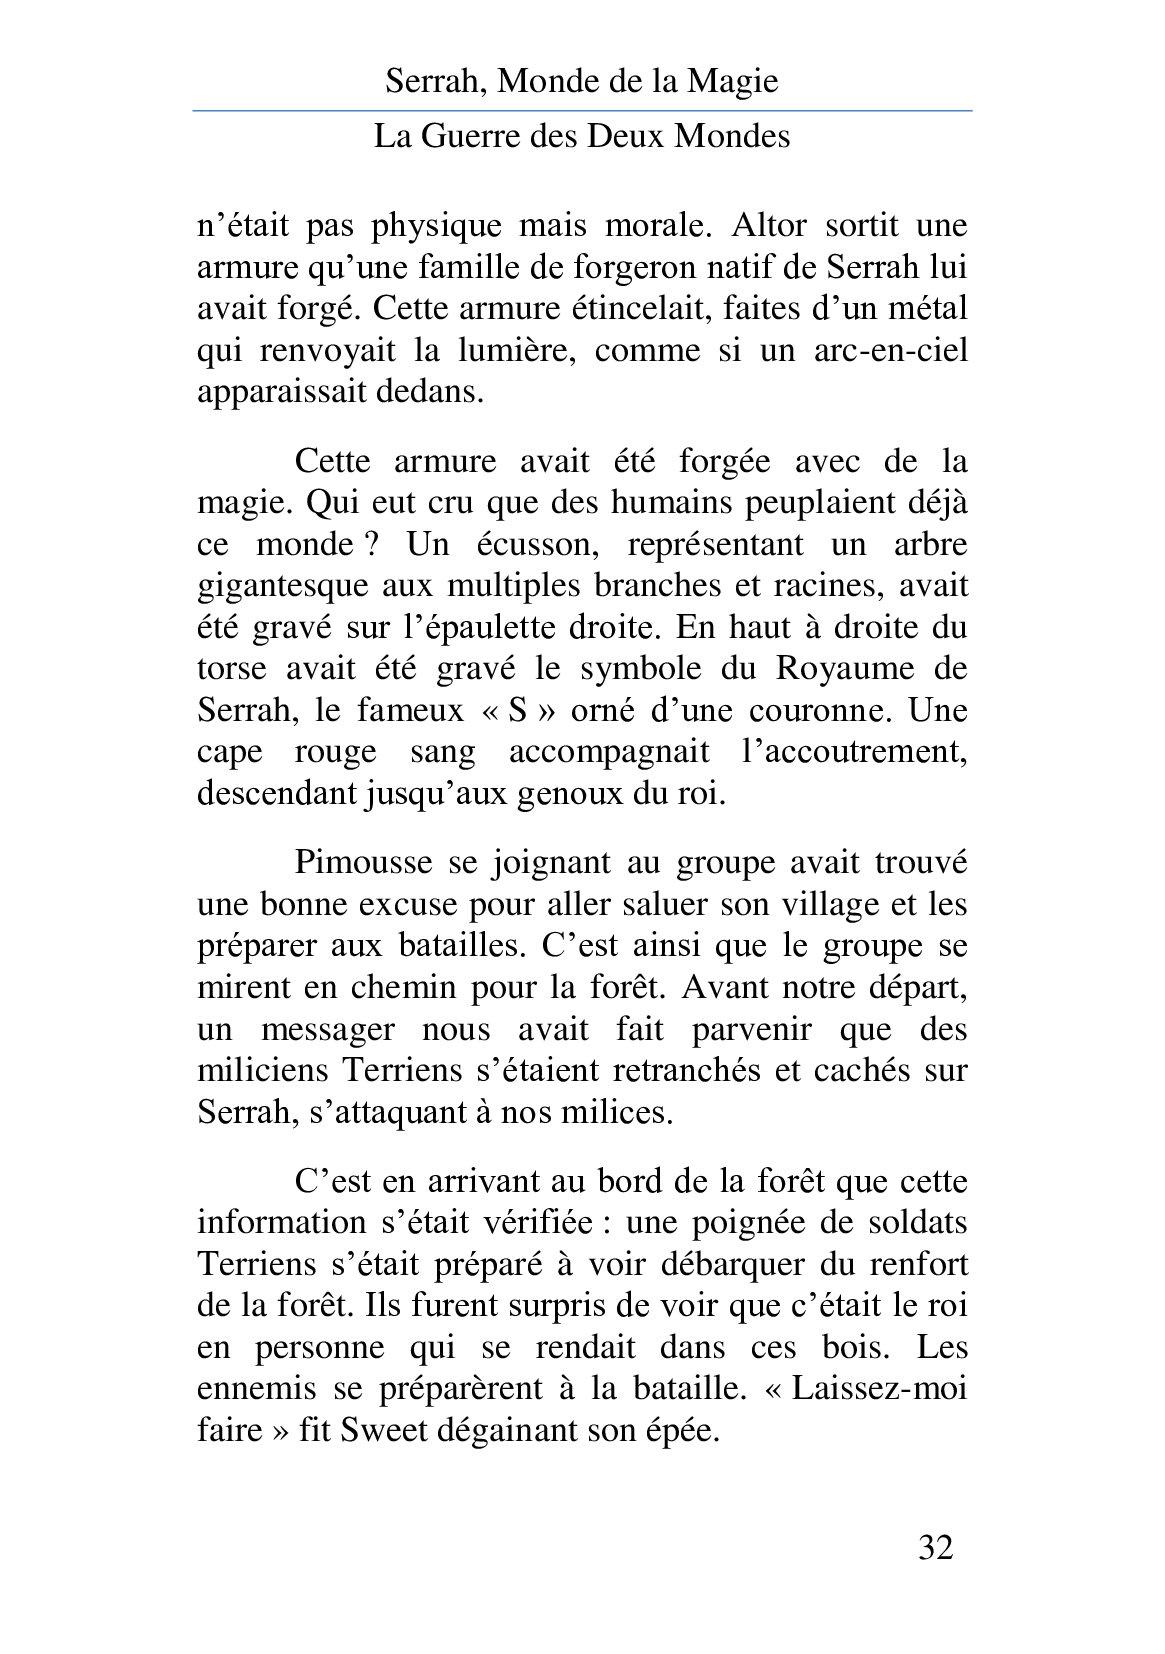 Chapitre 7 - Appel aux Renforts 200428084128373664